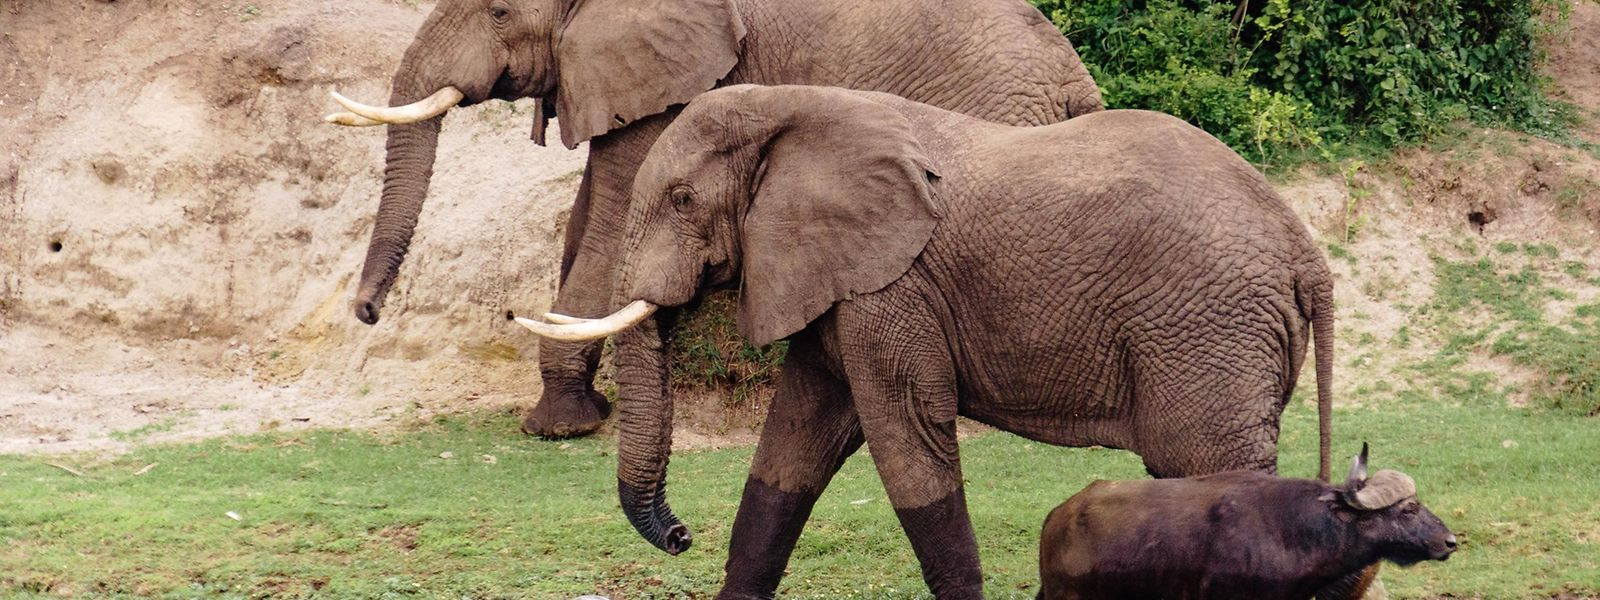 Büffel vor Elefanten: Eine Bootsfahrt auf dem Kazinga-Kanal zeigt reichlich gute Fotomotive.